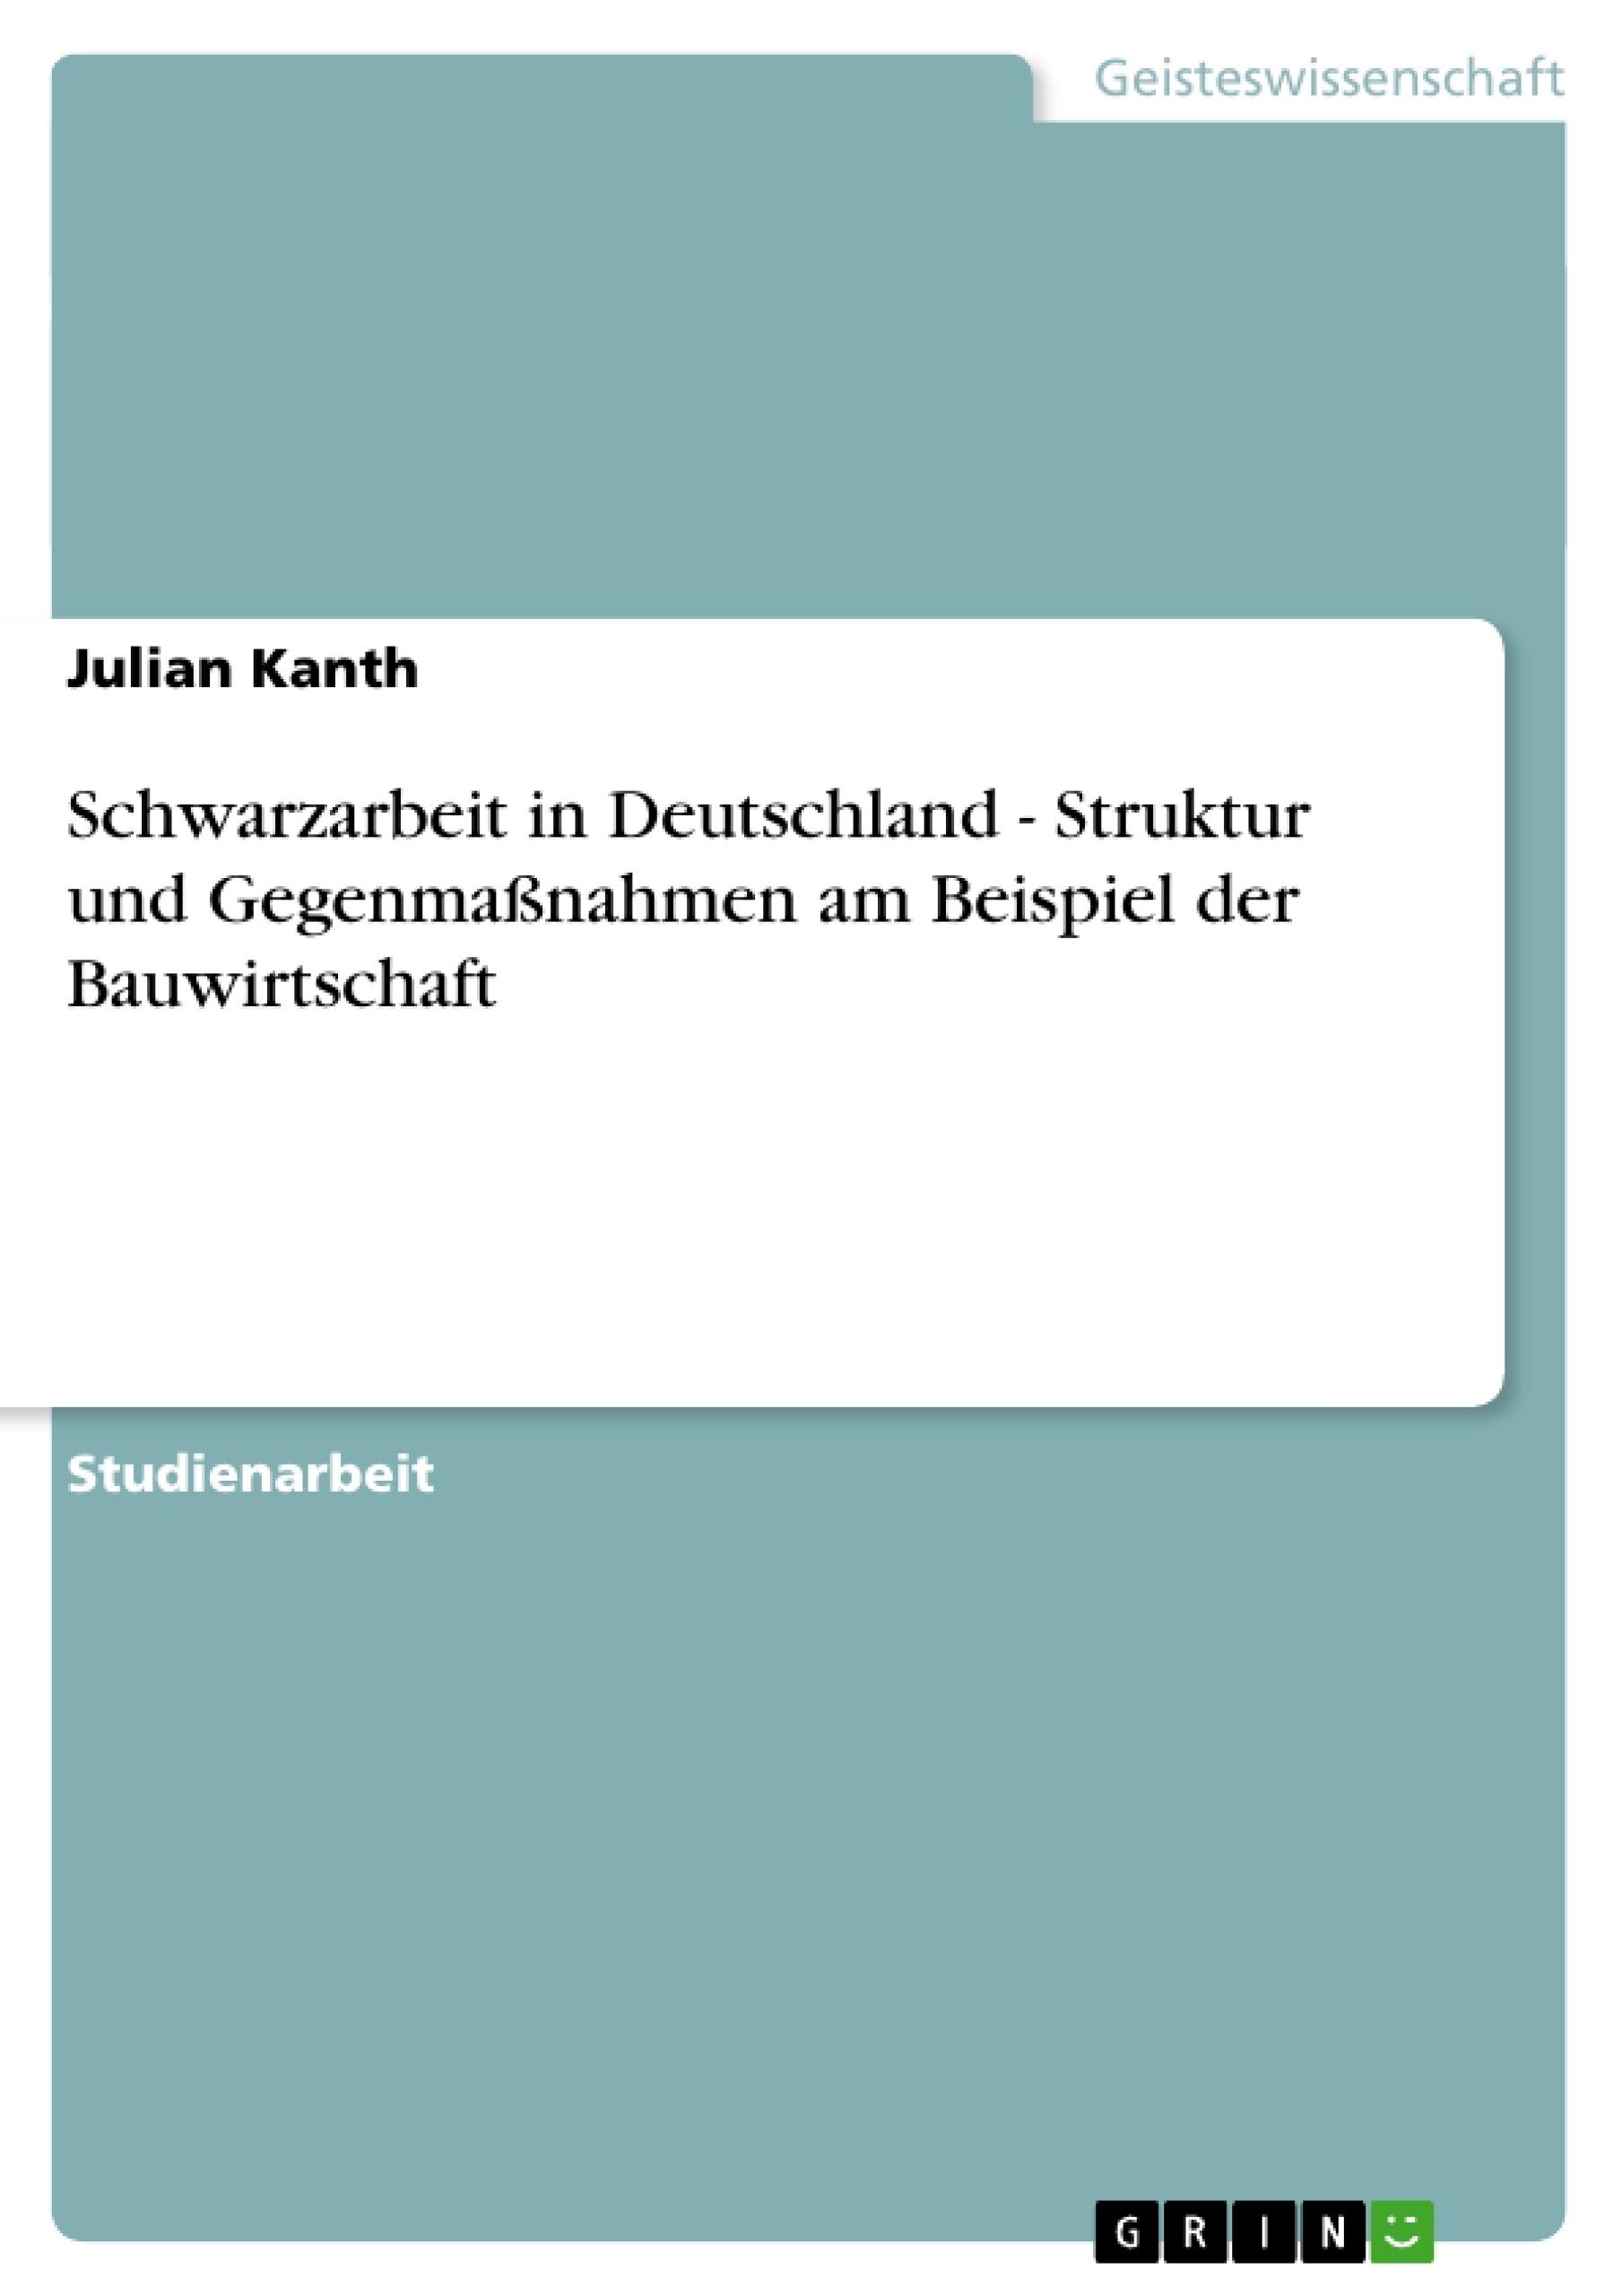 Titel: Schwarzarbeit in Deutschland - Struktur und Gegenmaßnahmen am Beispiel der Bauwirtschaft